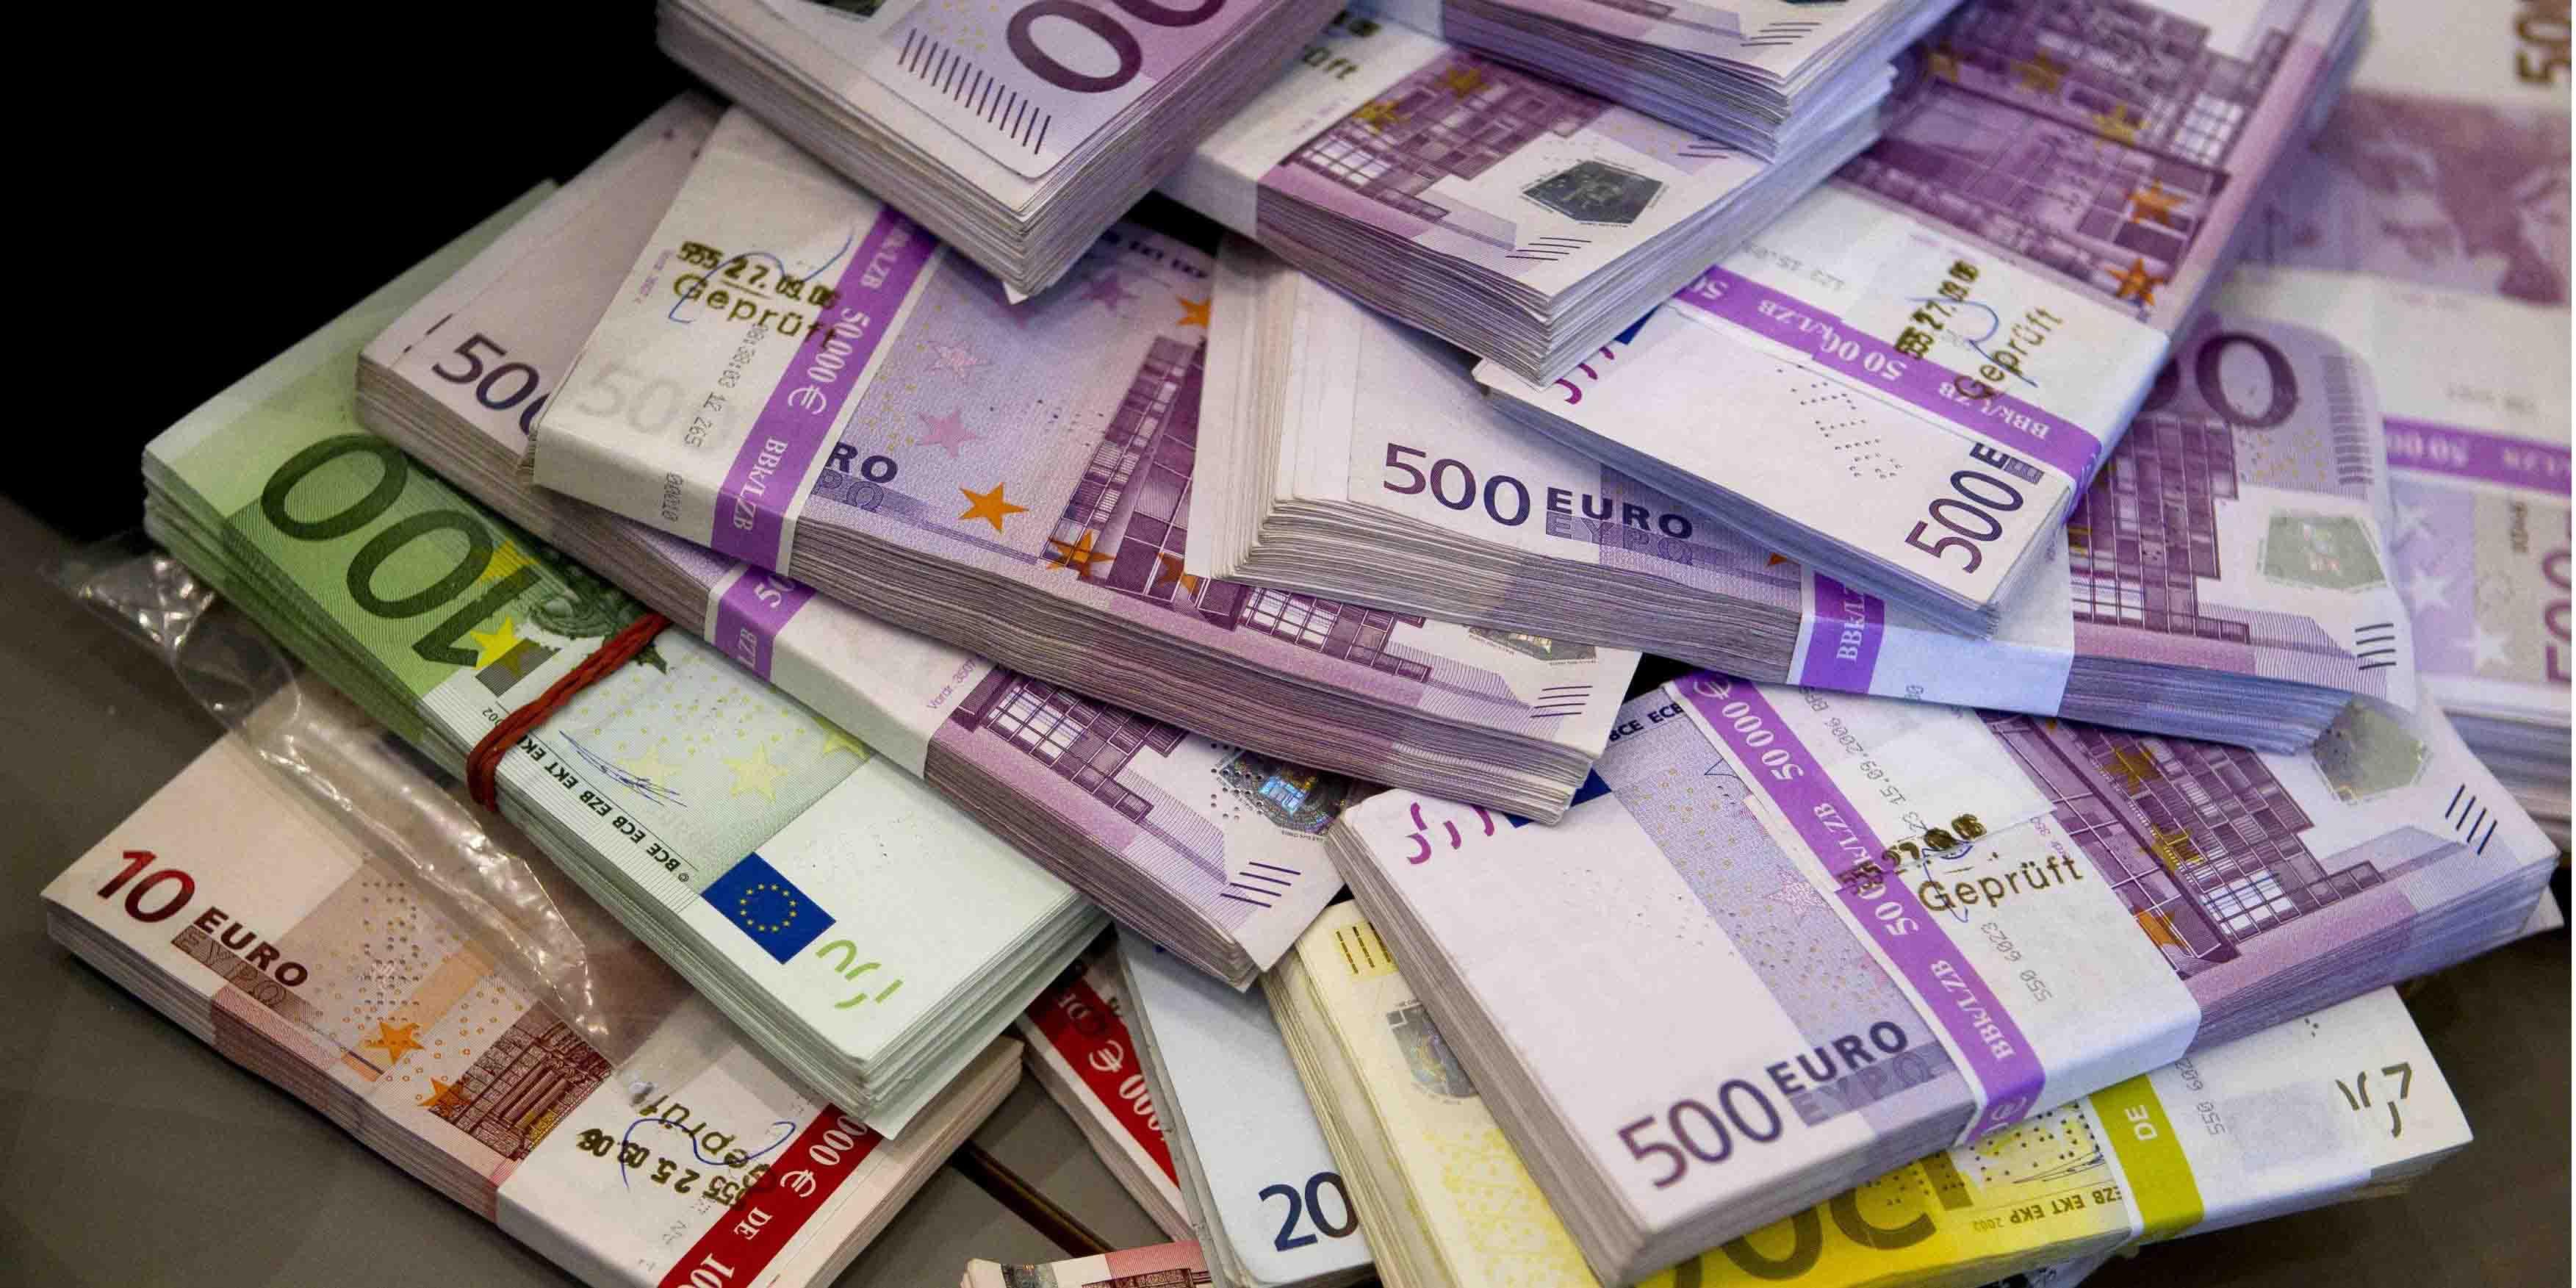 مجارستان خط اعتباری ۸۵ میلیون یورویی به ایران اختصاص داد